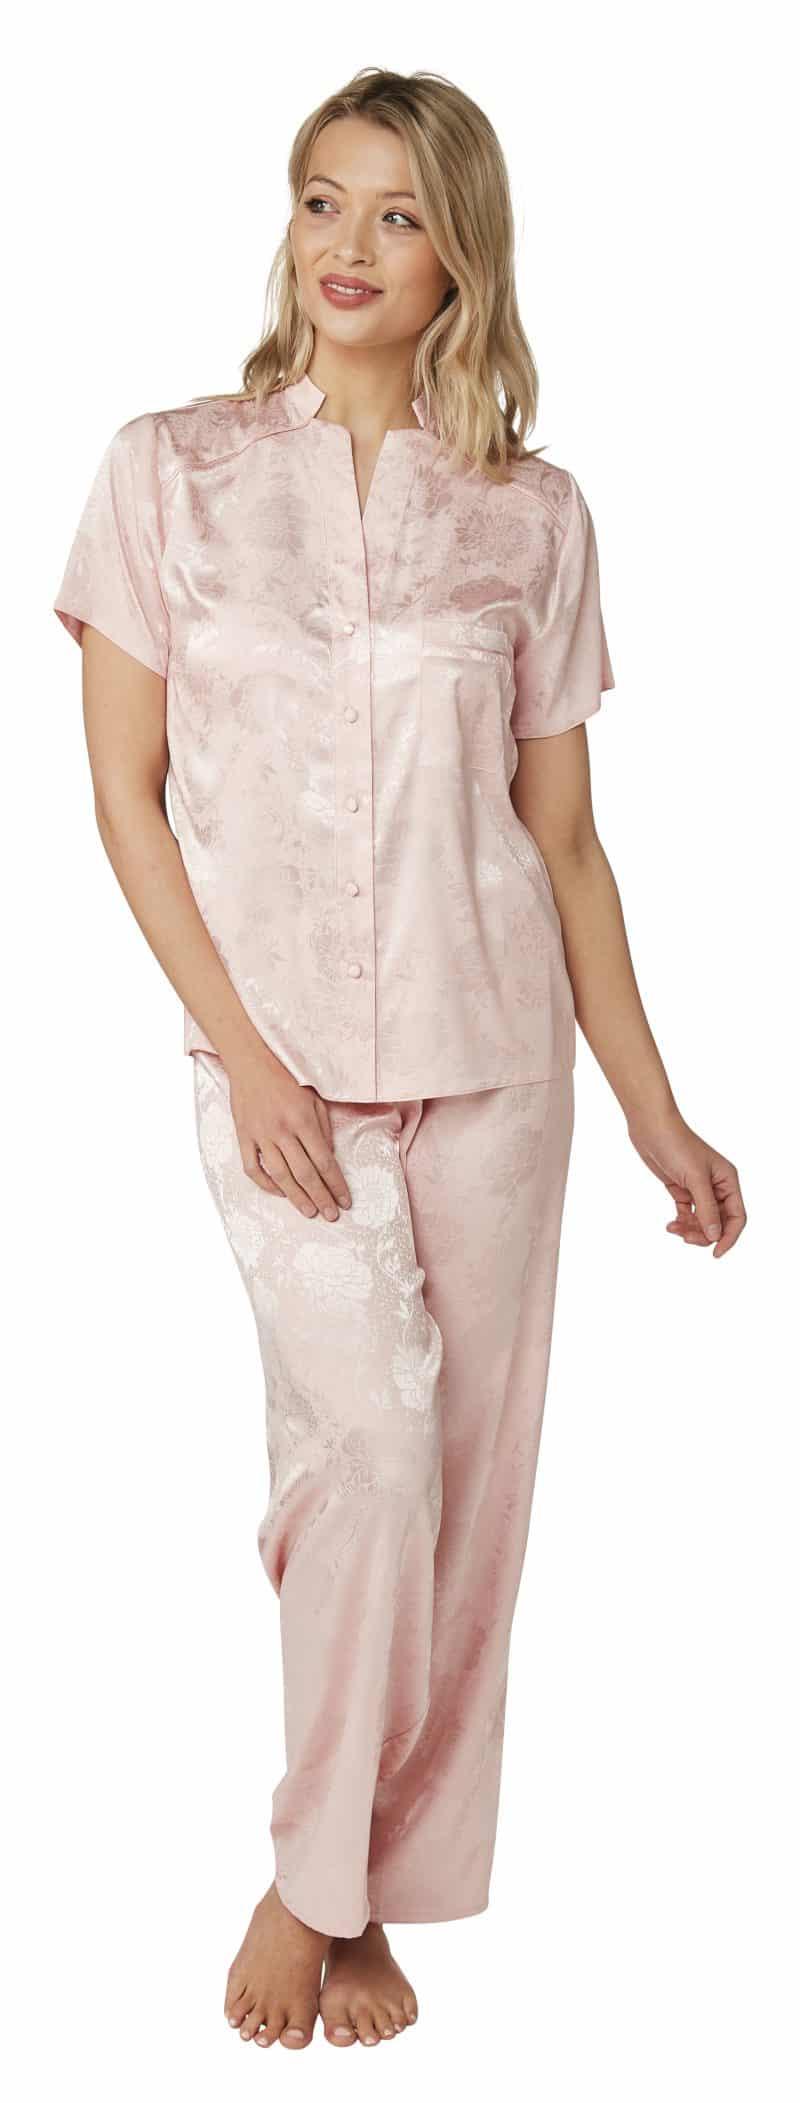 Jaquard Pyjamas Indigo Sky In23063